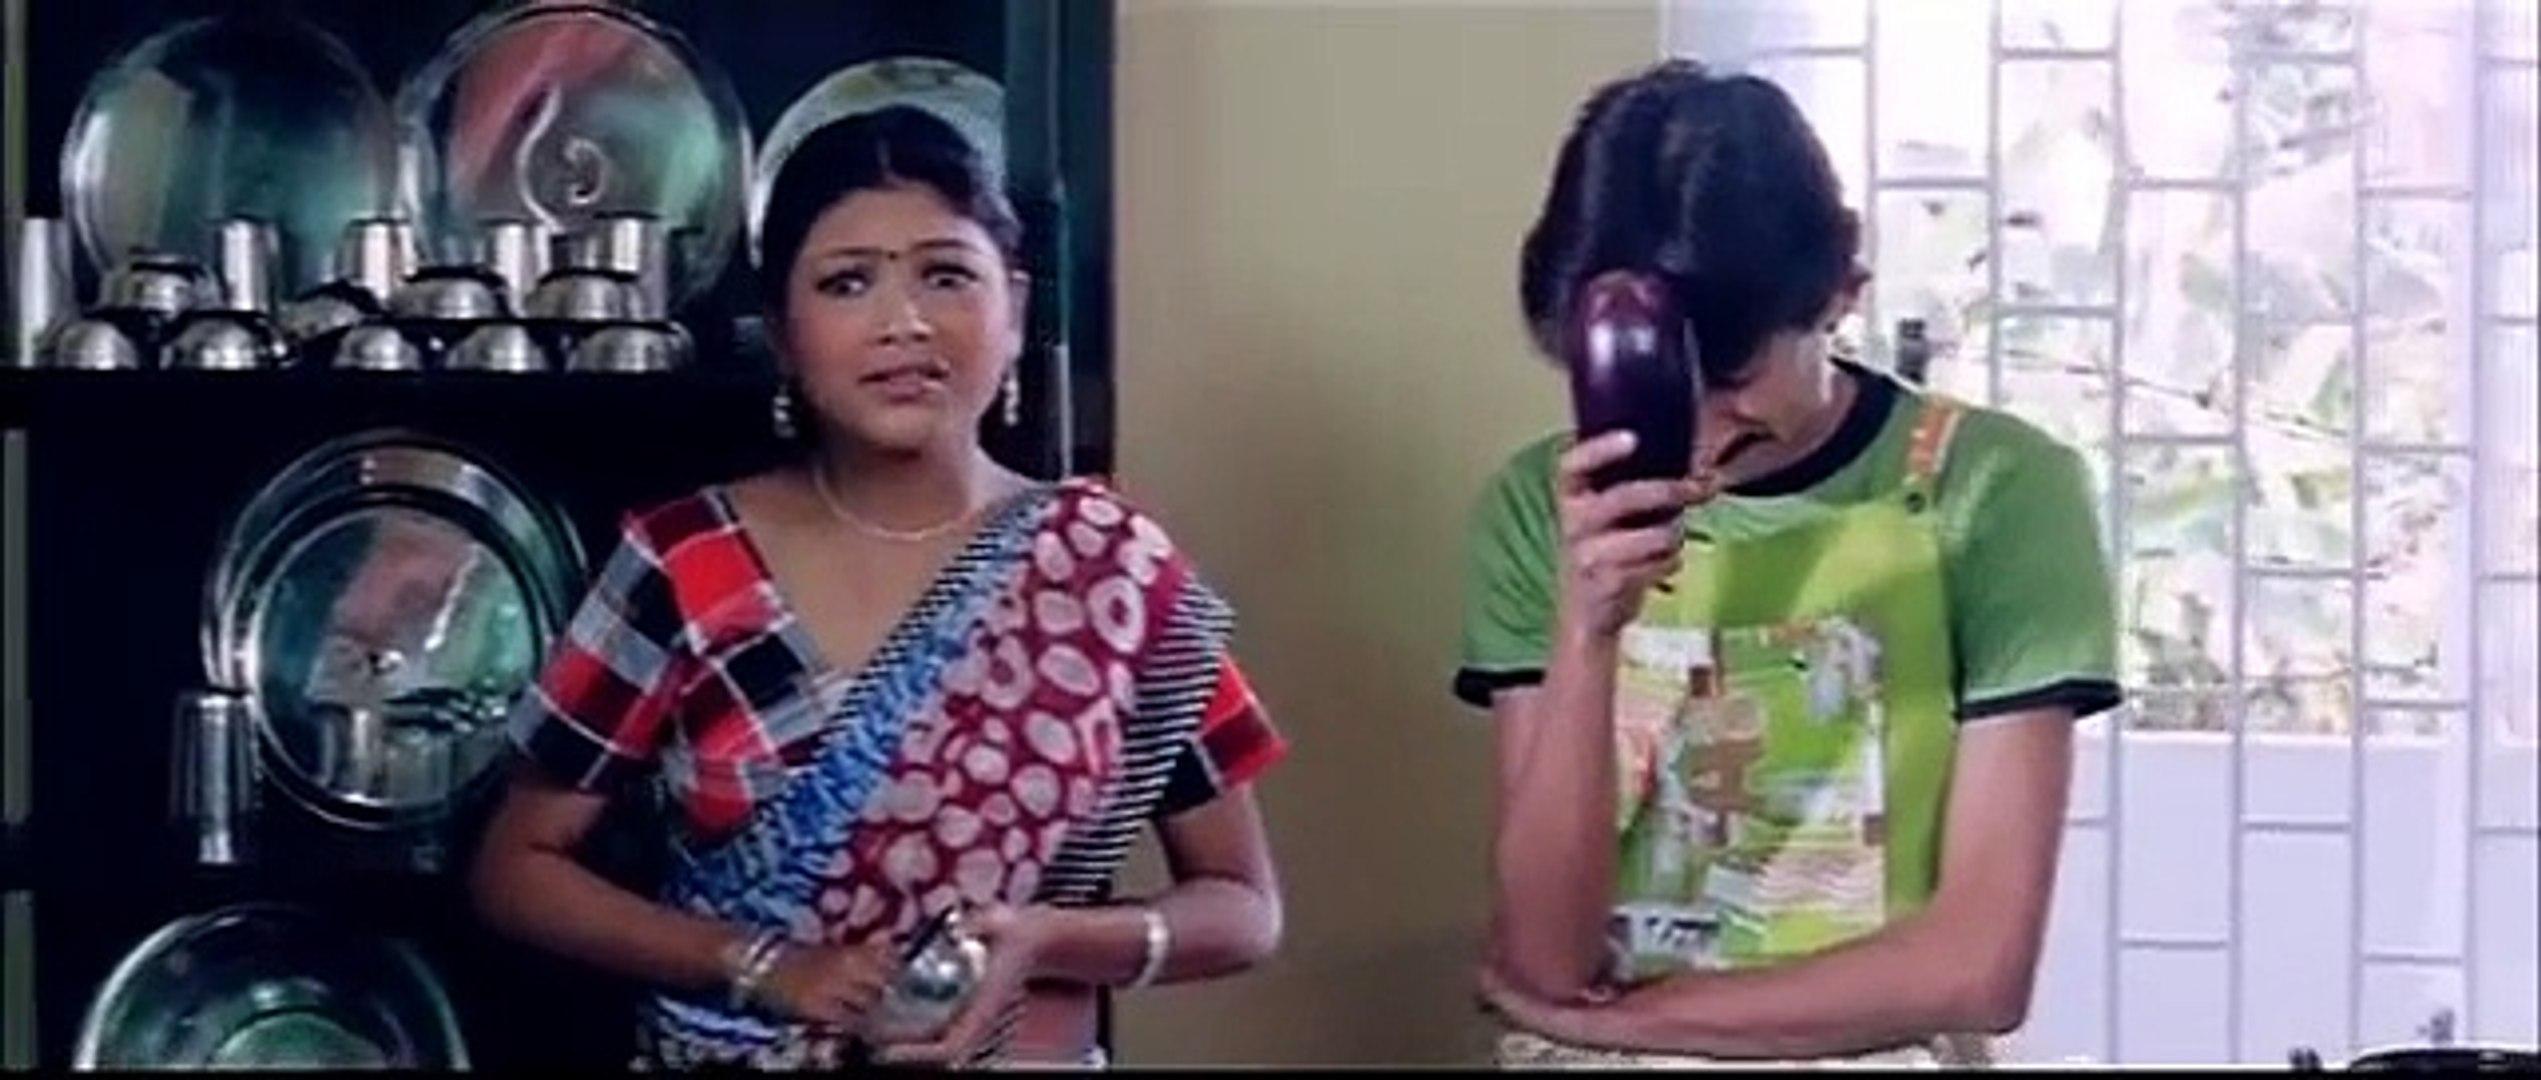 Partner Full Movie - New Bangla Movie 2015 Full Movie - HD Bengali Movies(P1)